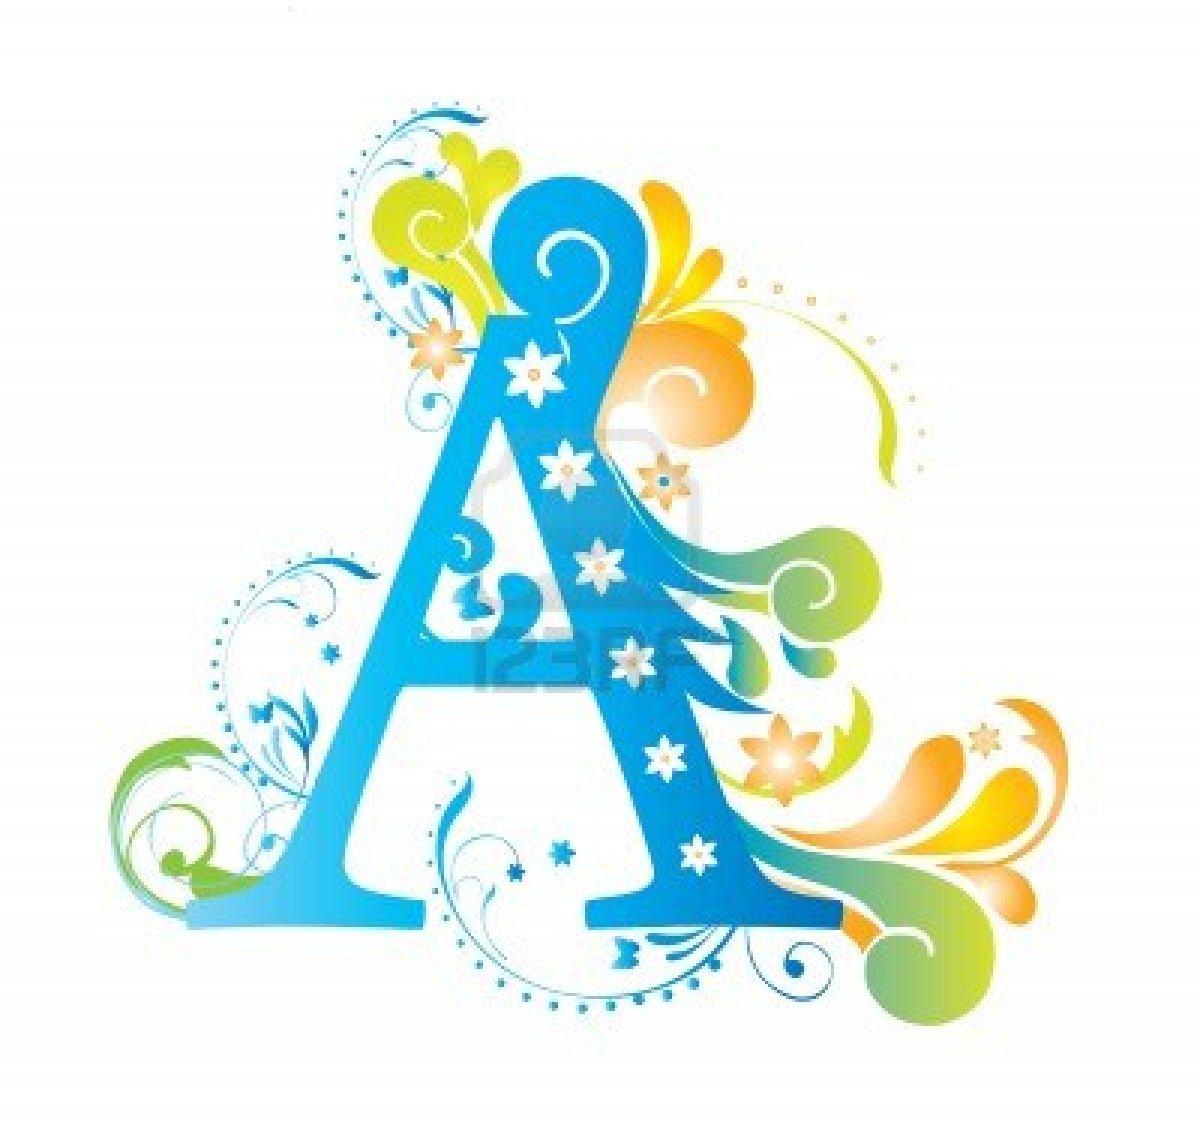 cool letter l designs